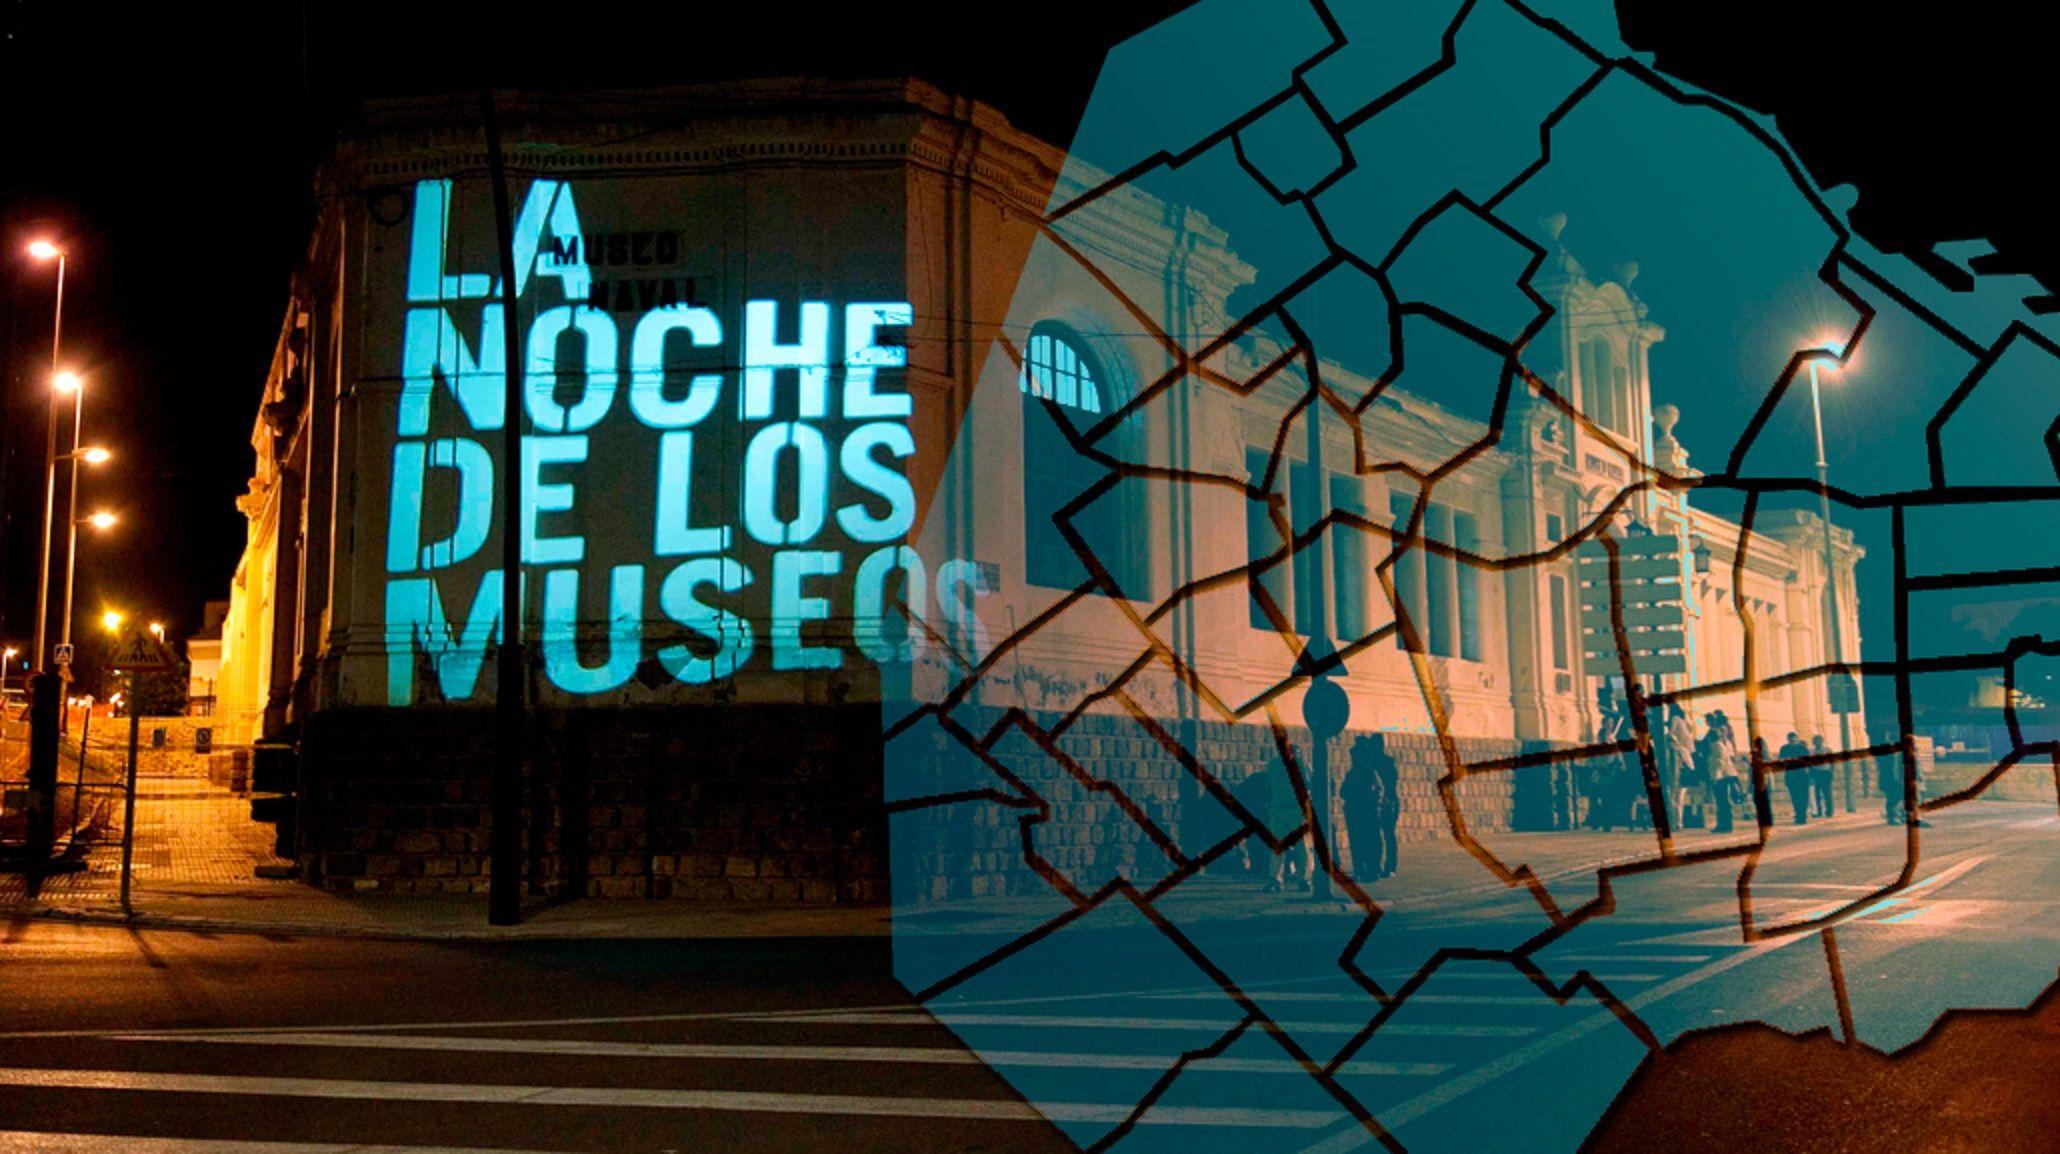 El mapa de La Noche de los Museos